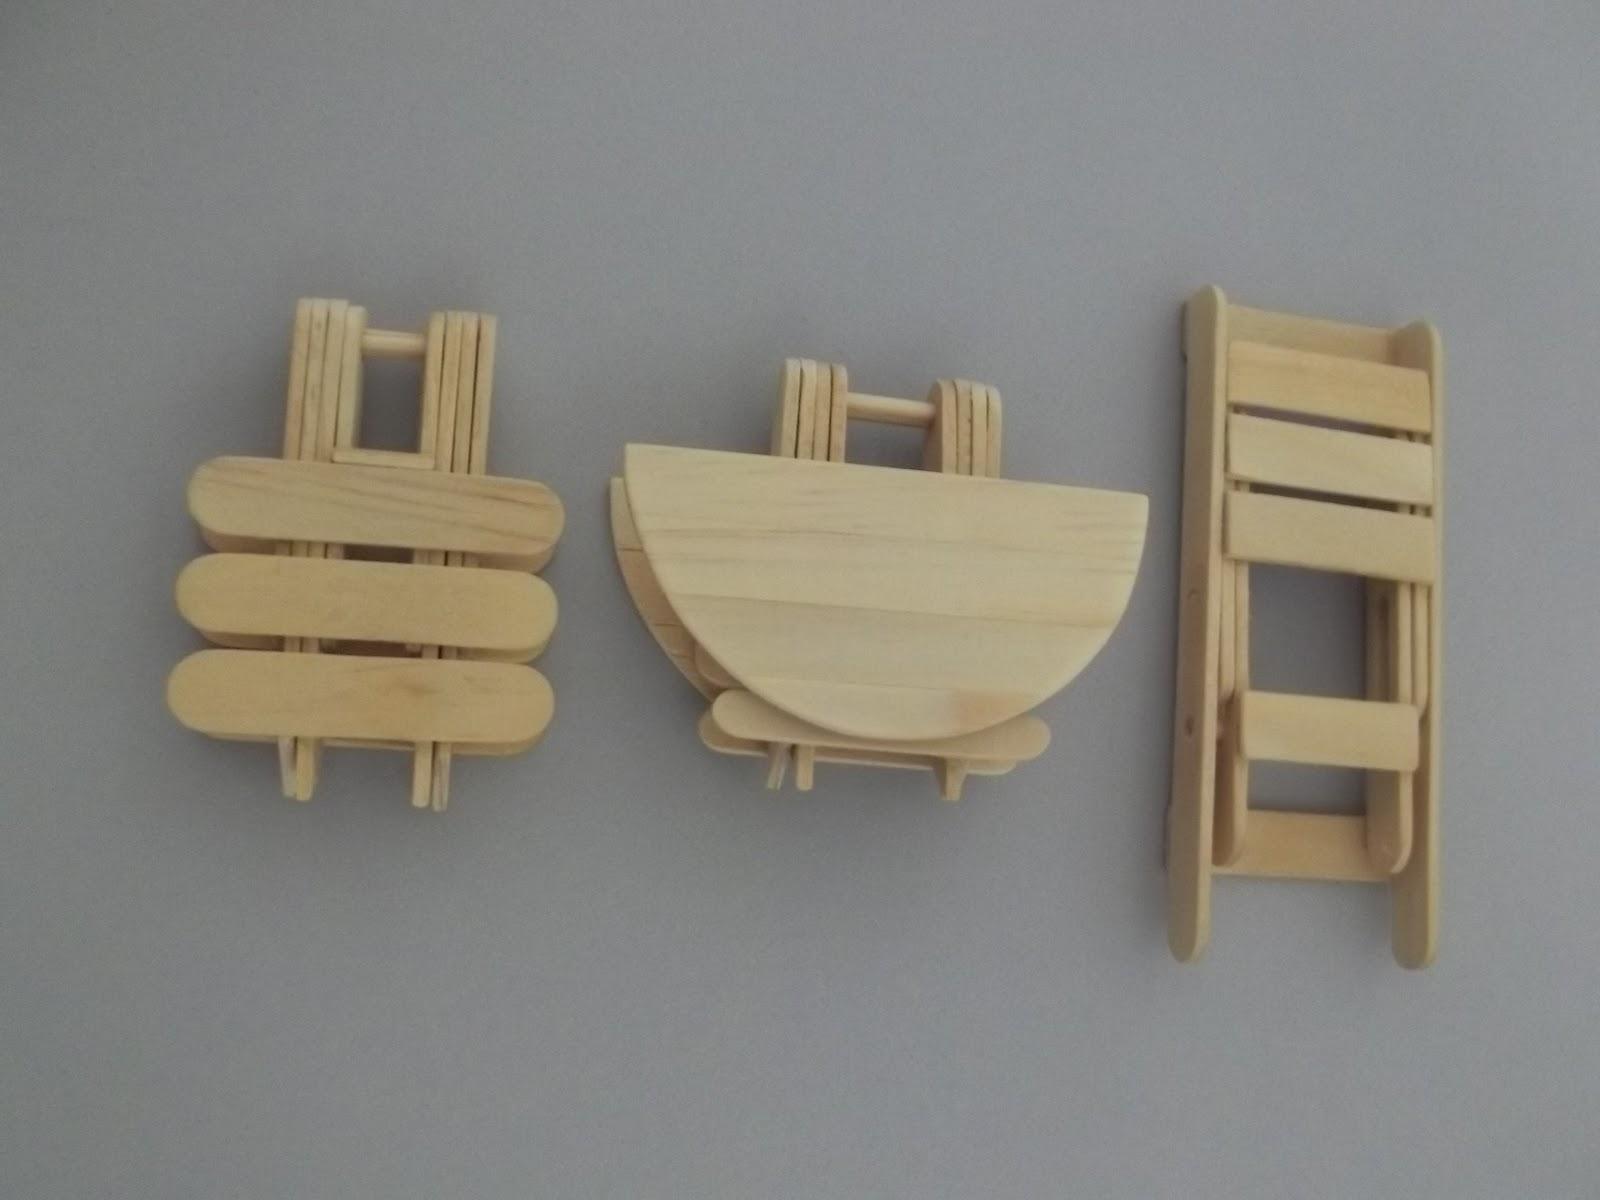 com Palitos de Picolé: Bancos Cadeiras e Mesas: Tudo Articulado #7D6F4E 1600x1200